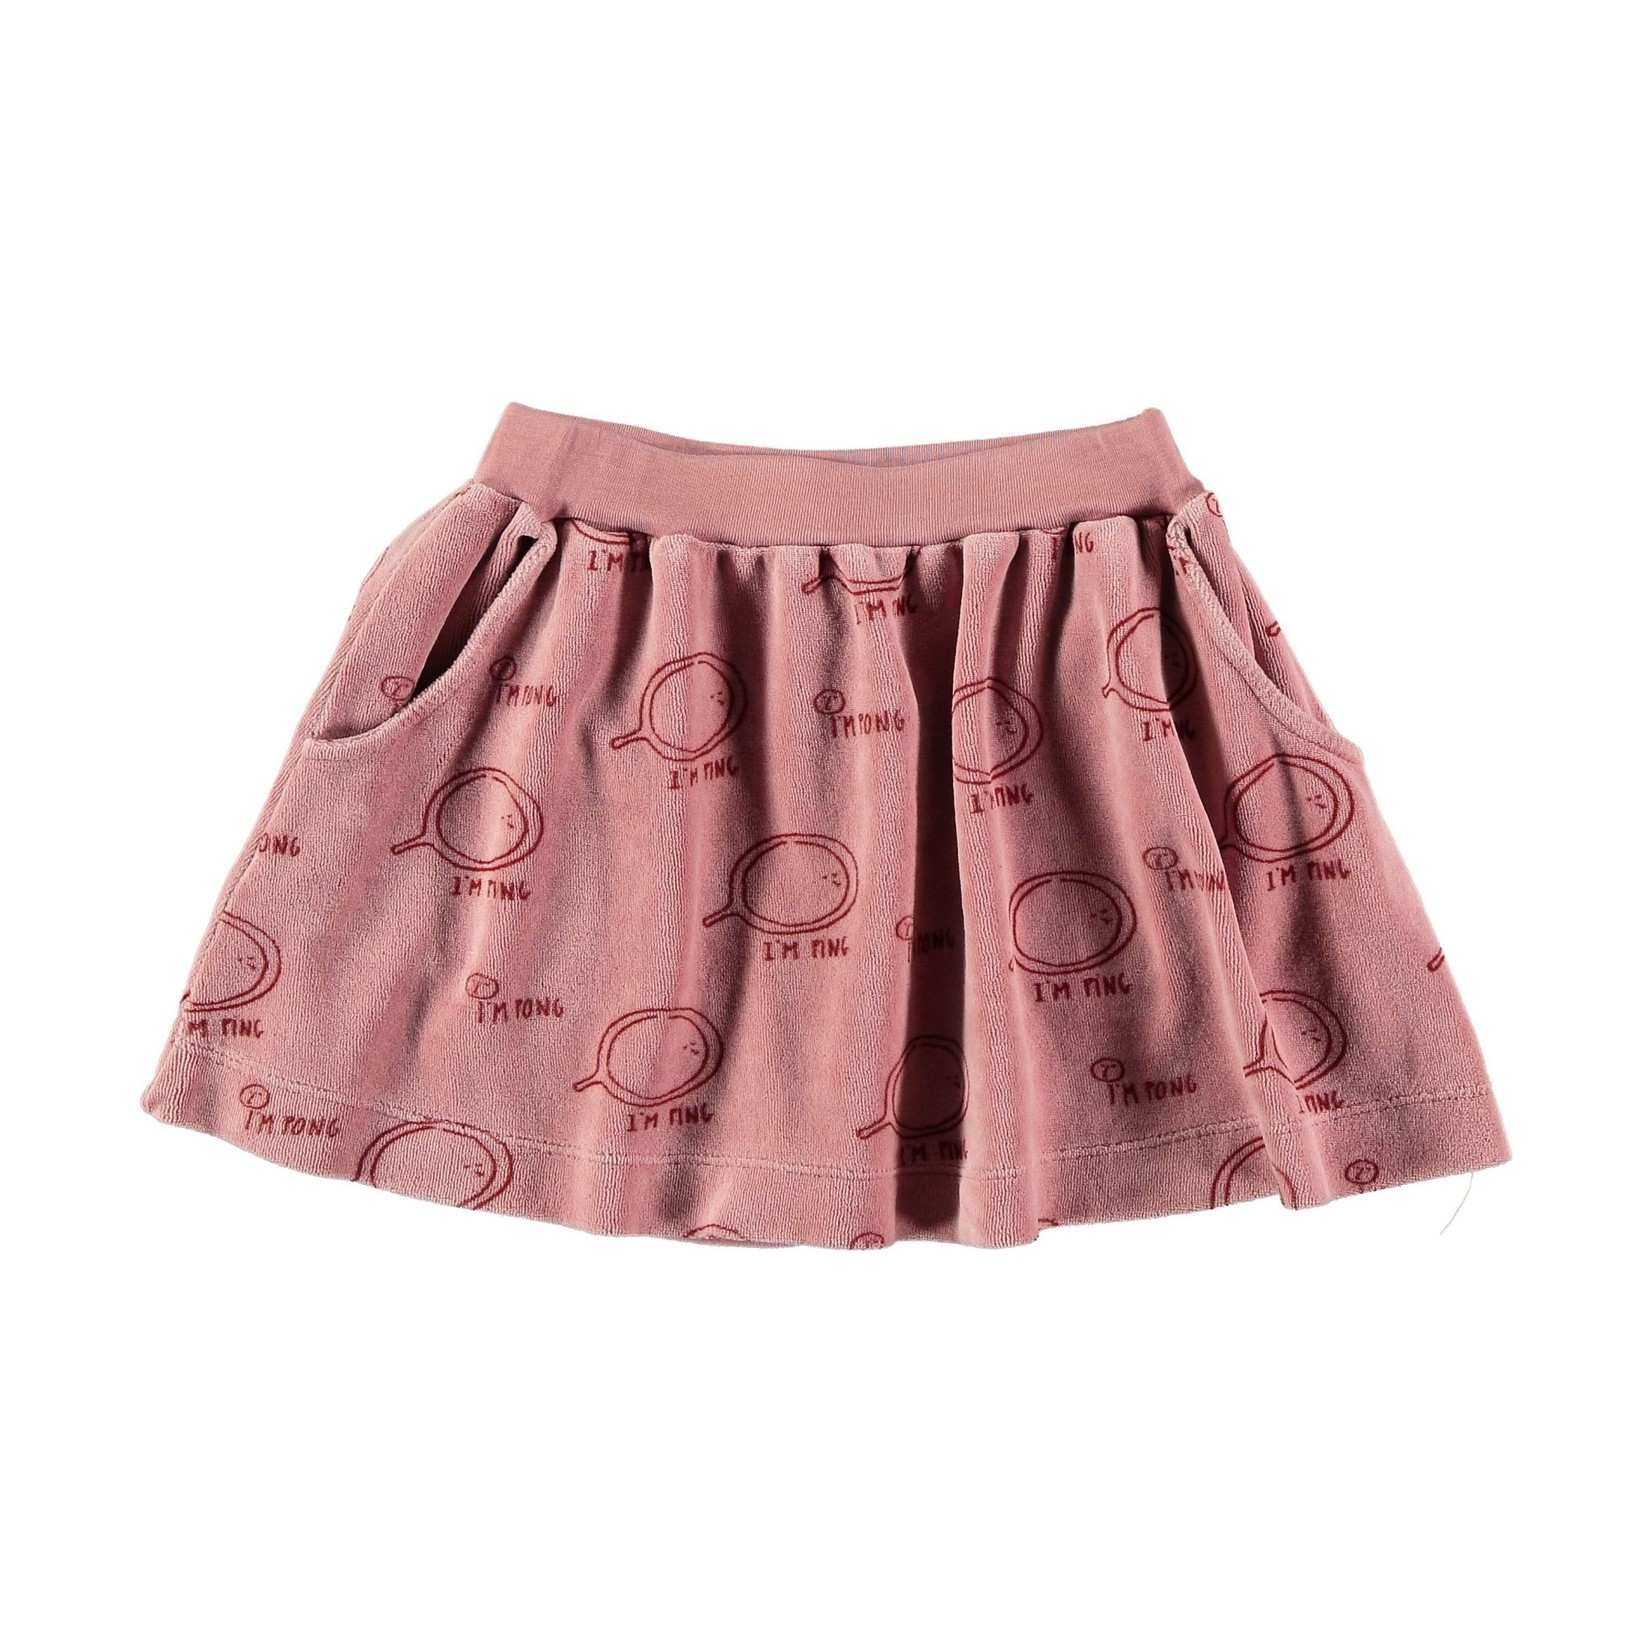 BONMOT BONMOT organic .Mini skirt allover im ping